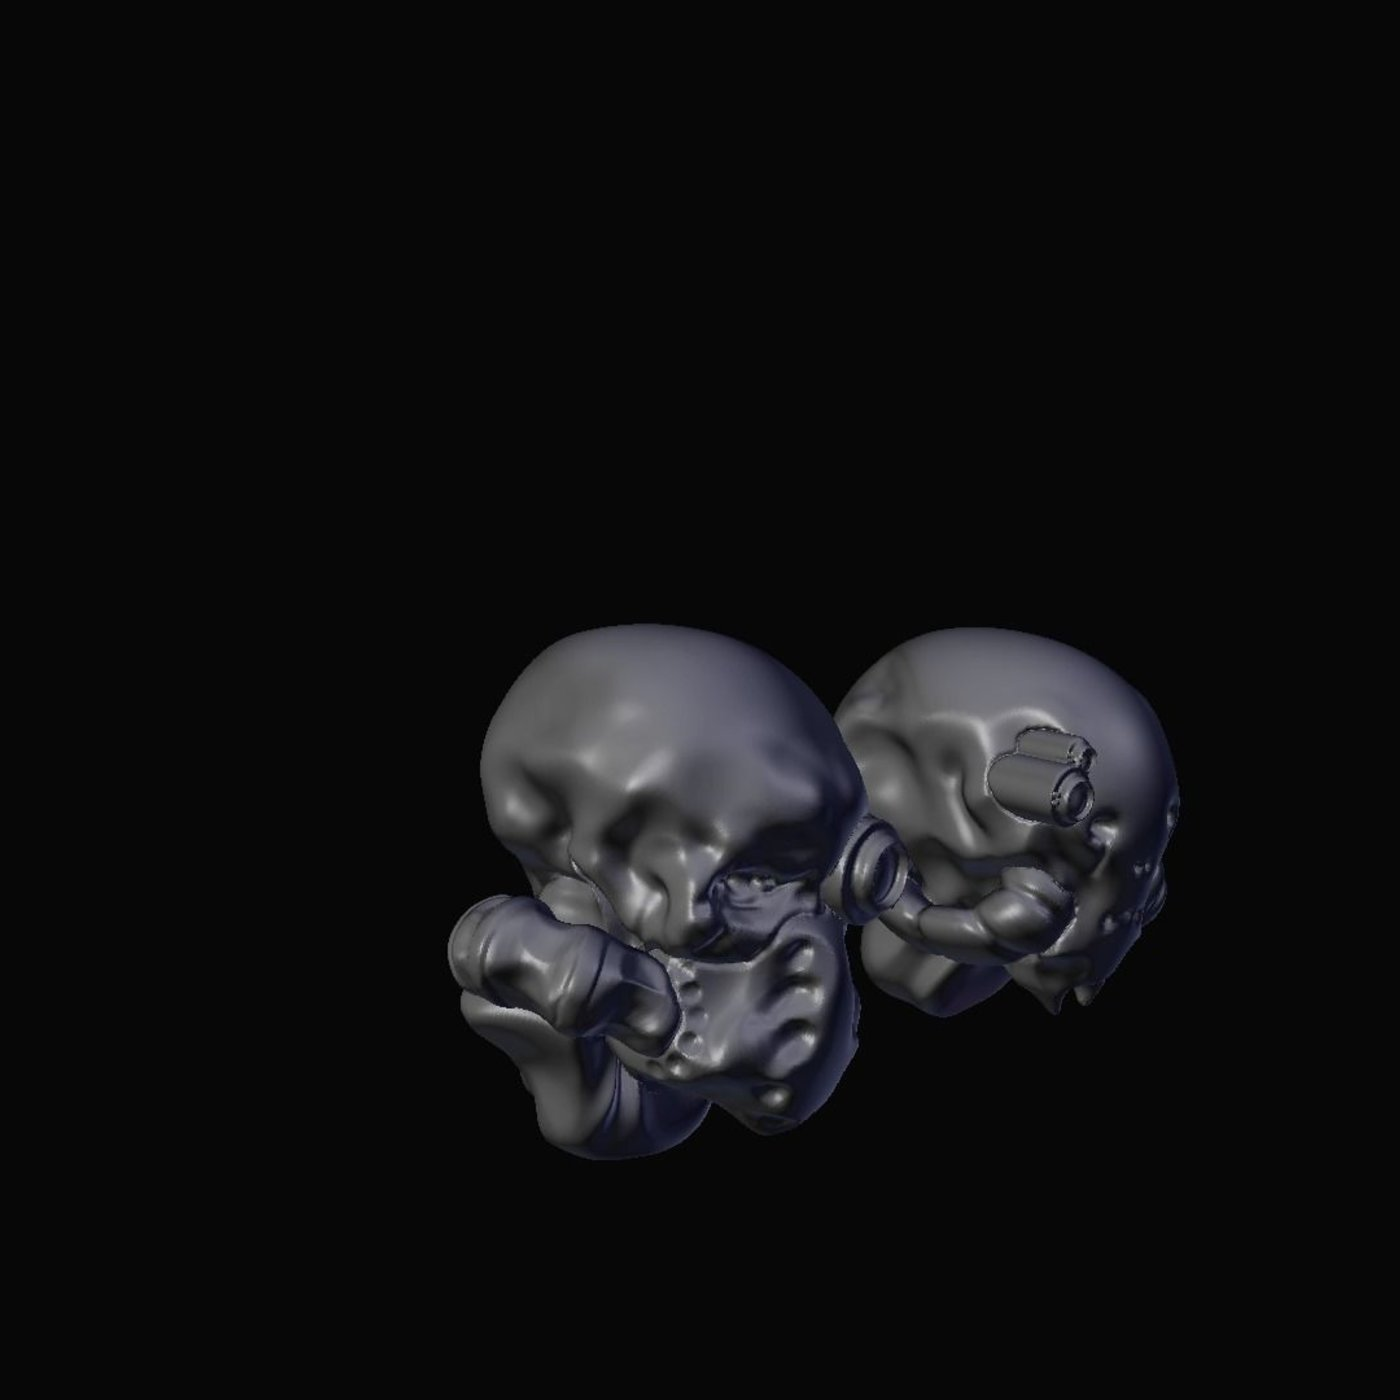 Team Invictus - 28mm Miniature Printable Heads